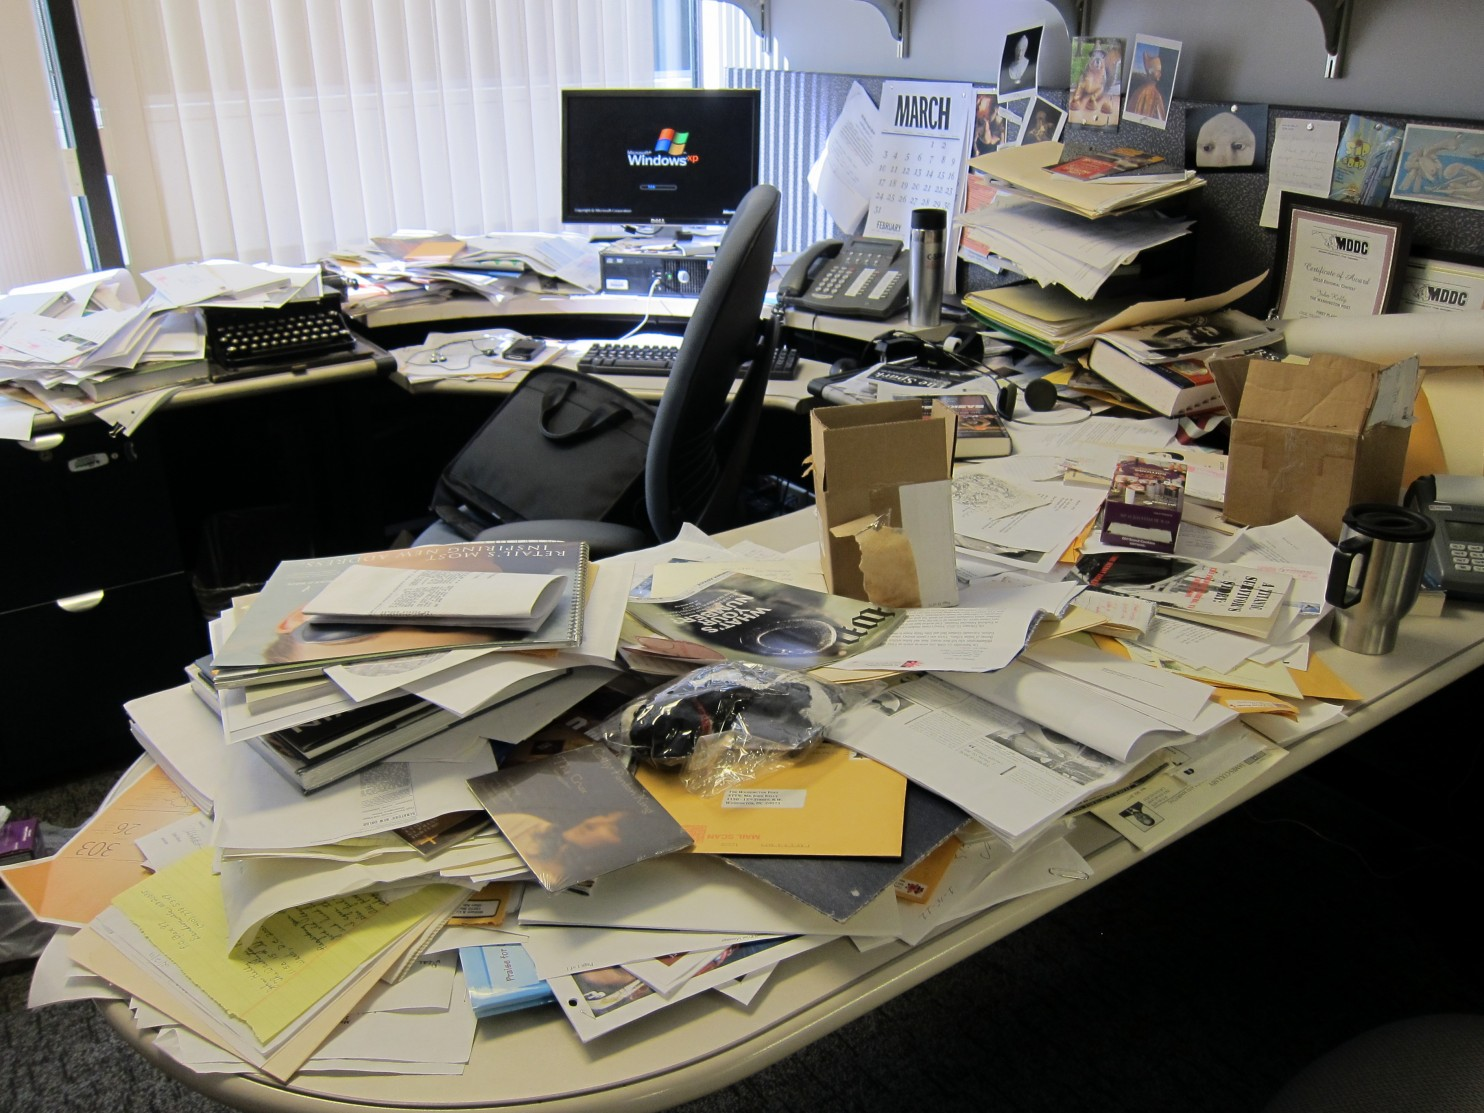 Selon la science un bureau en désordre est un signe de génie